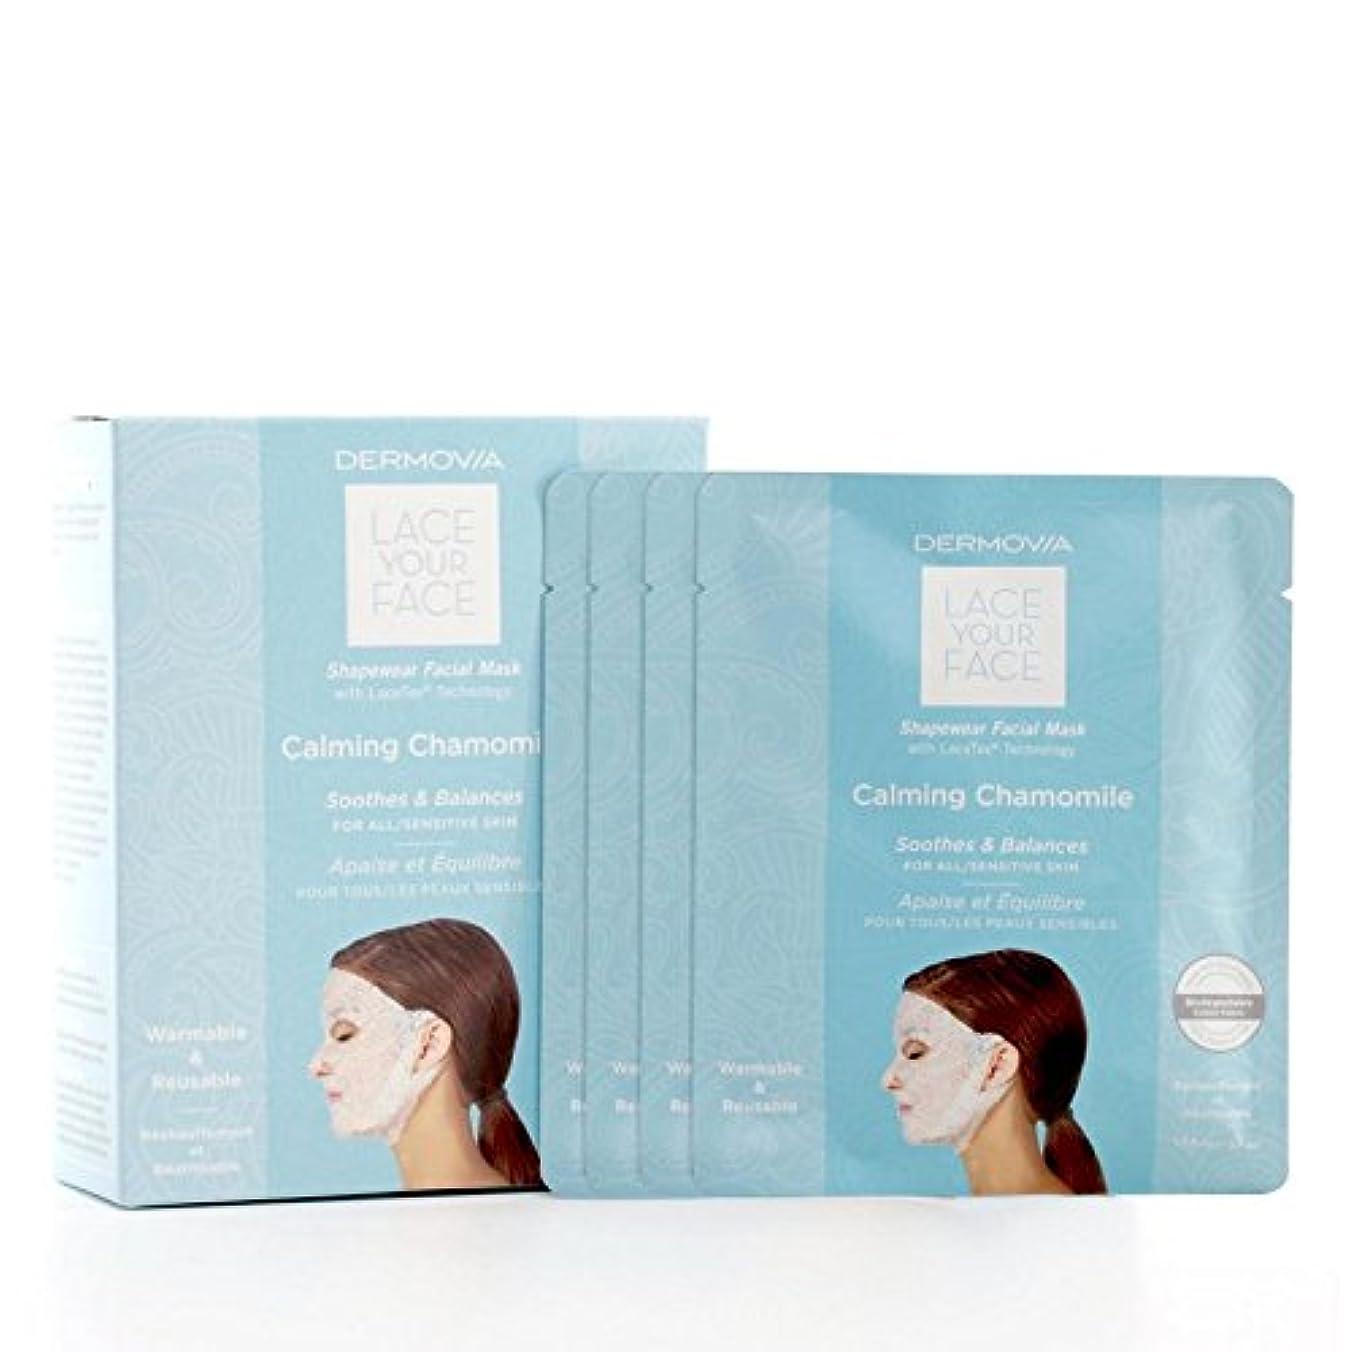 ラフ上陸ほうきは、あなたの顔の圧縮フェイシャルマスク心を落ち着かせるカモミールをひもで締めます x2 - Dermovia Lace Your Face Compression Facial Mask Calming Chamomile...